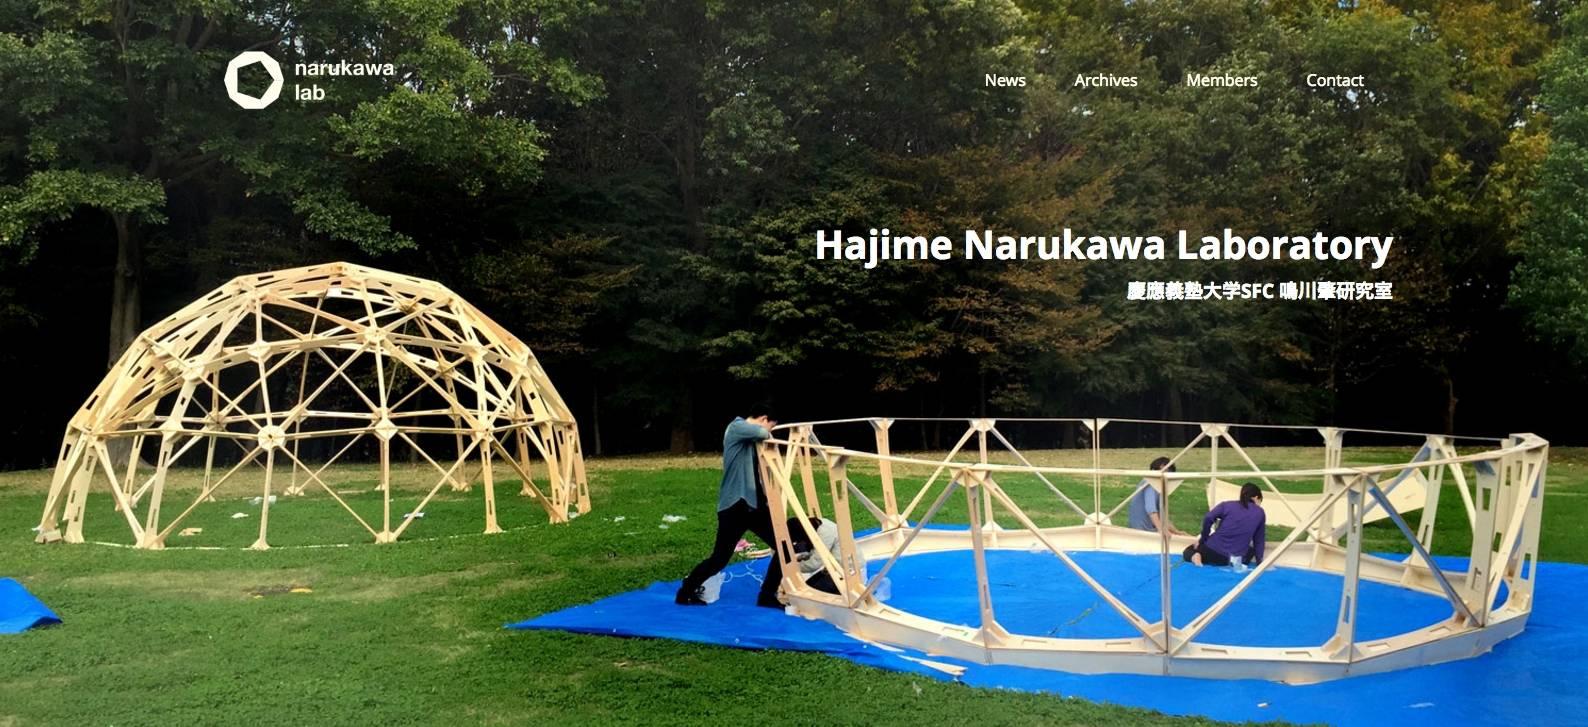 narukawa-lab-jp15-09-19